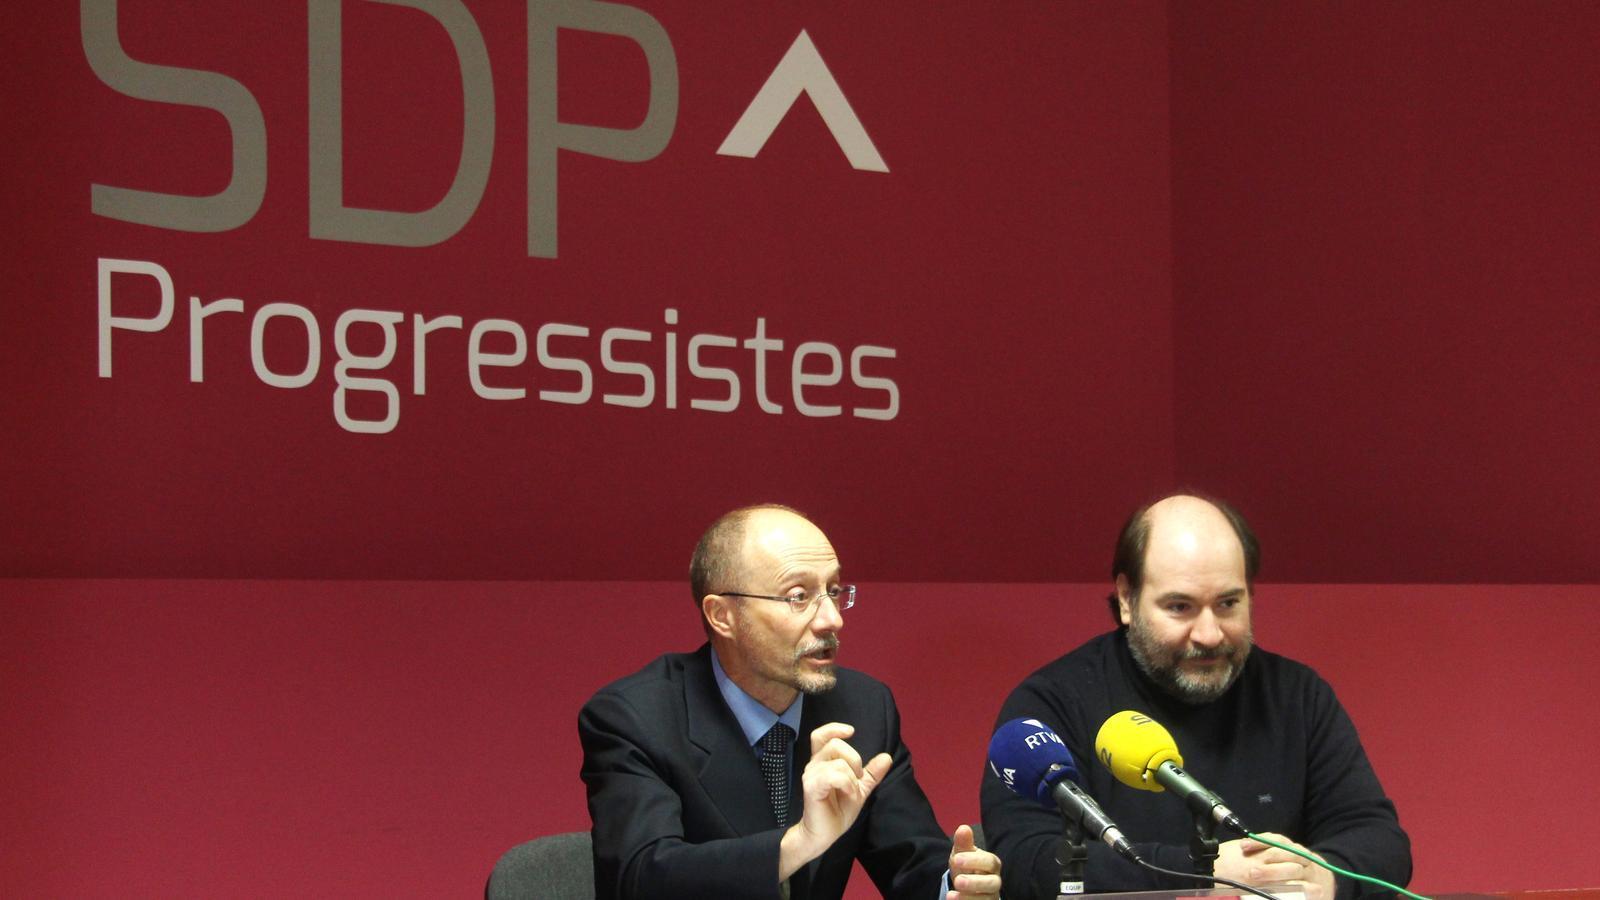 El conseller d'SDP, Víctor Naudi, i el secretari d'organització de la formació, Joan-Marc Miralles, durant la roda de premsa. / M. F.